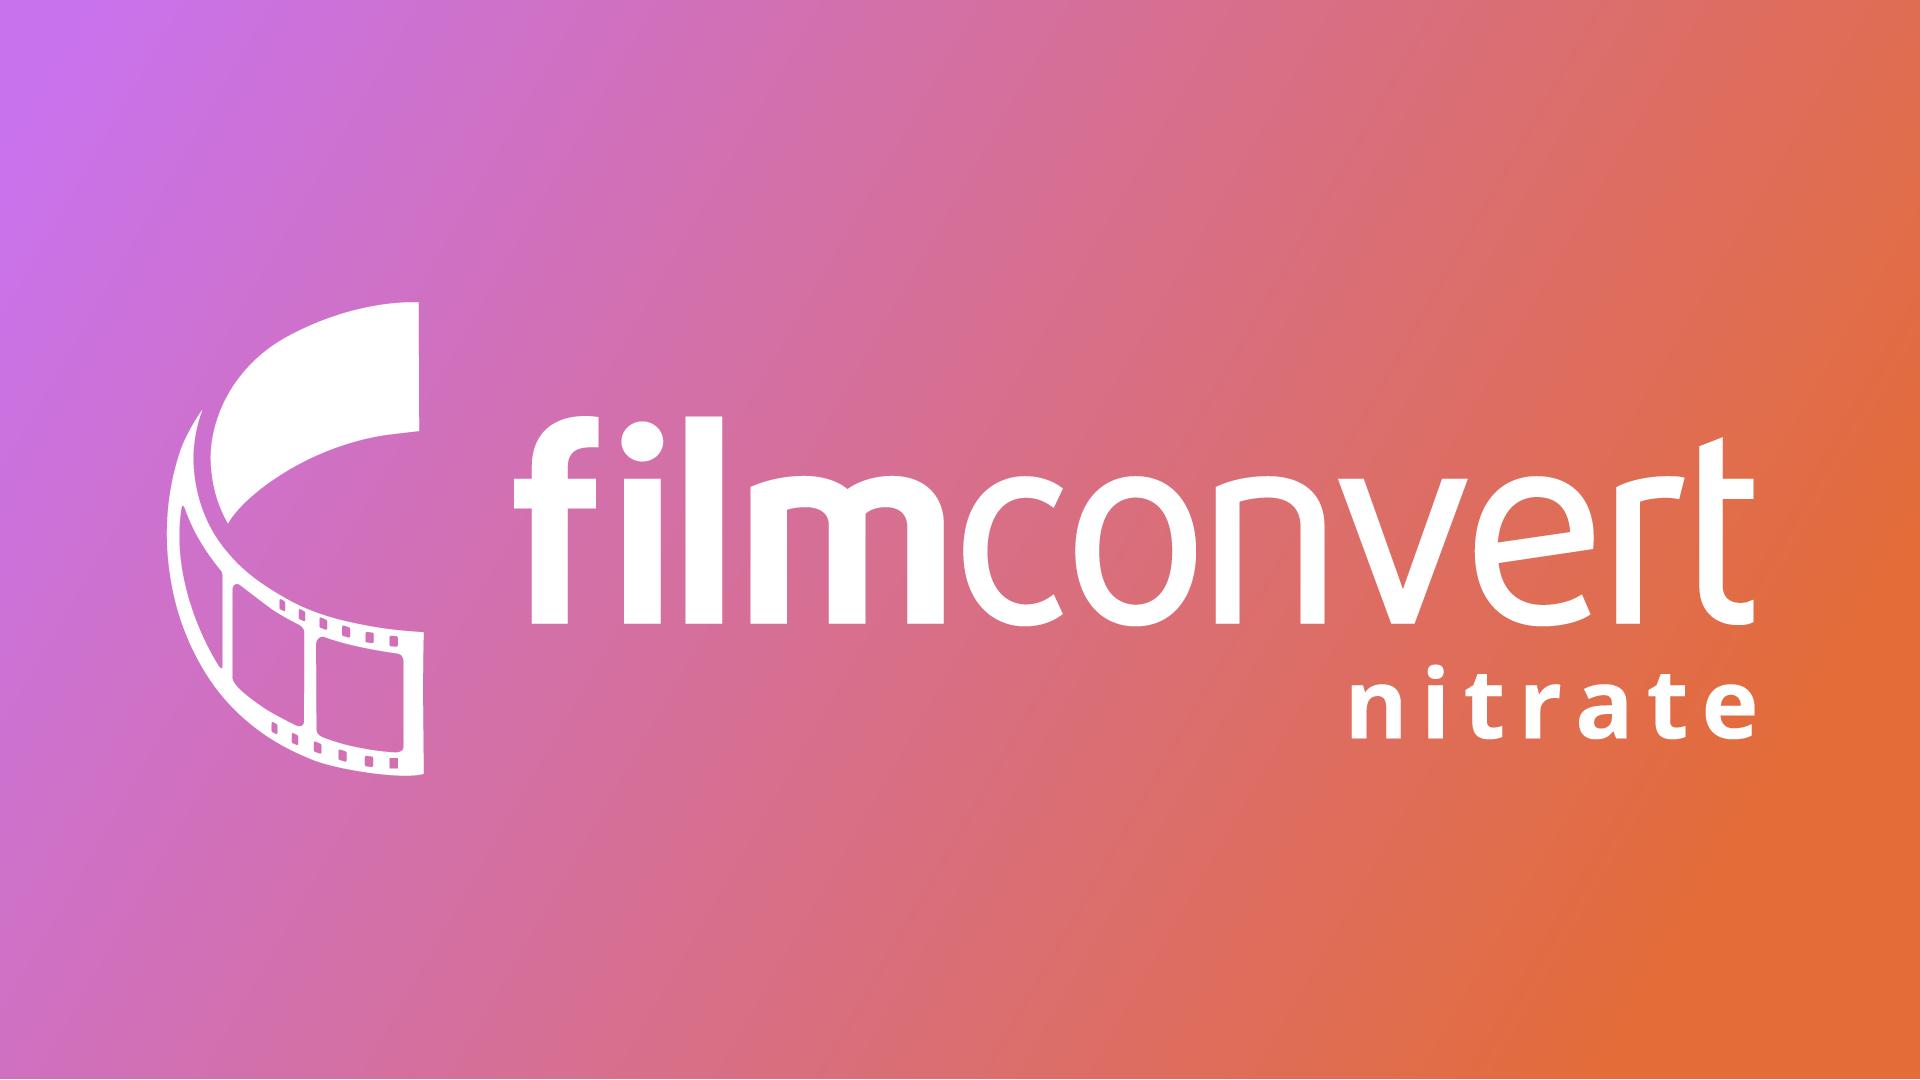 FilmConvert Nitrate ya está disponible - 10% de descuento con cinema5D